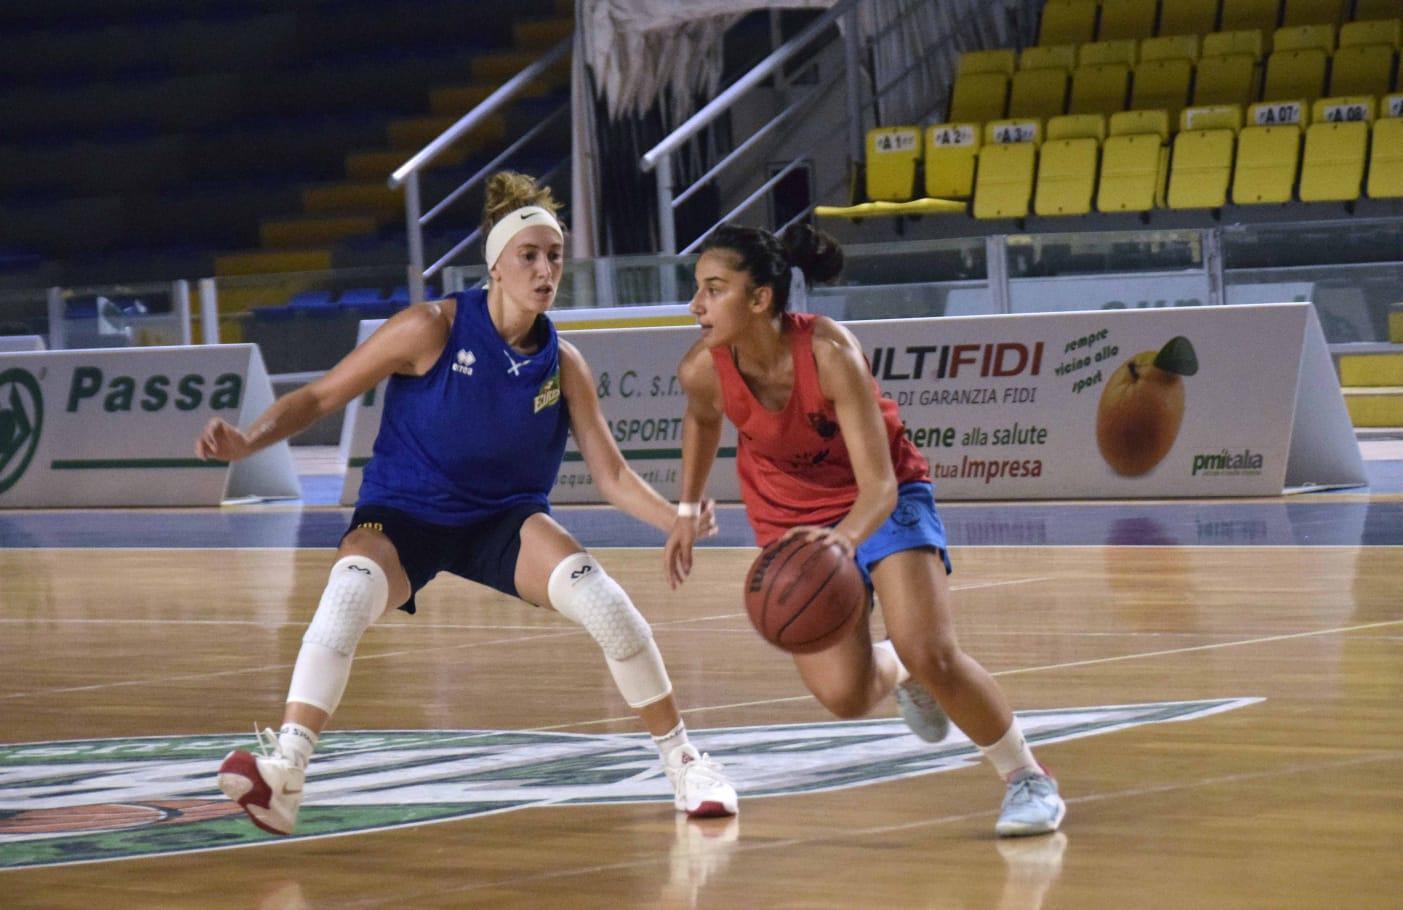 Claudia Coppolino